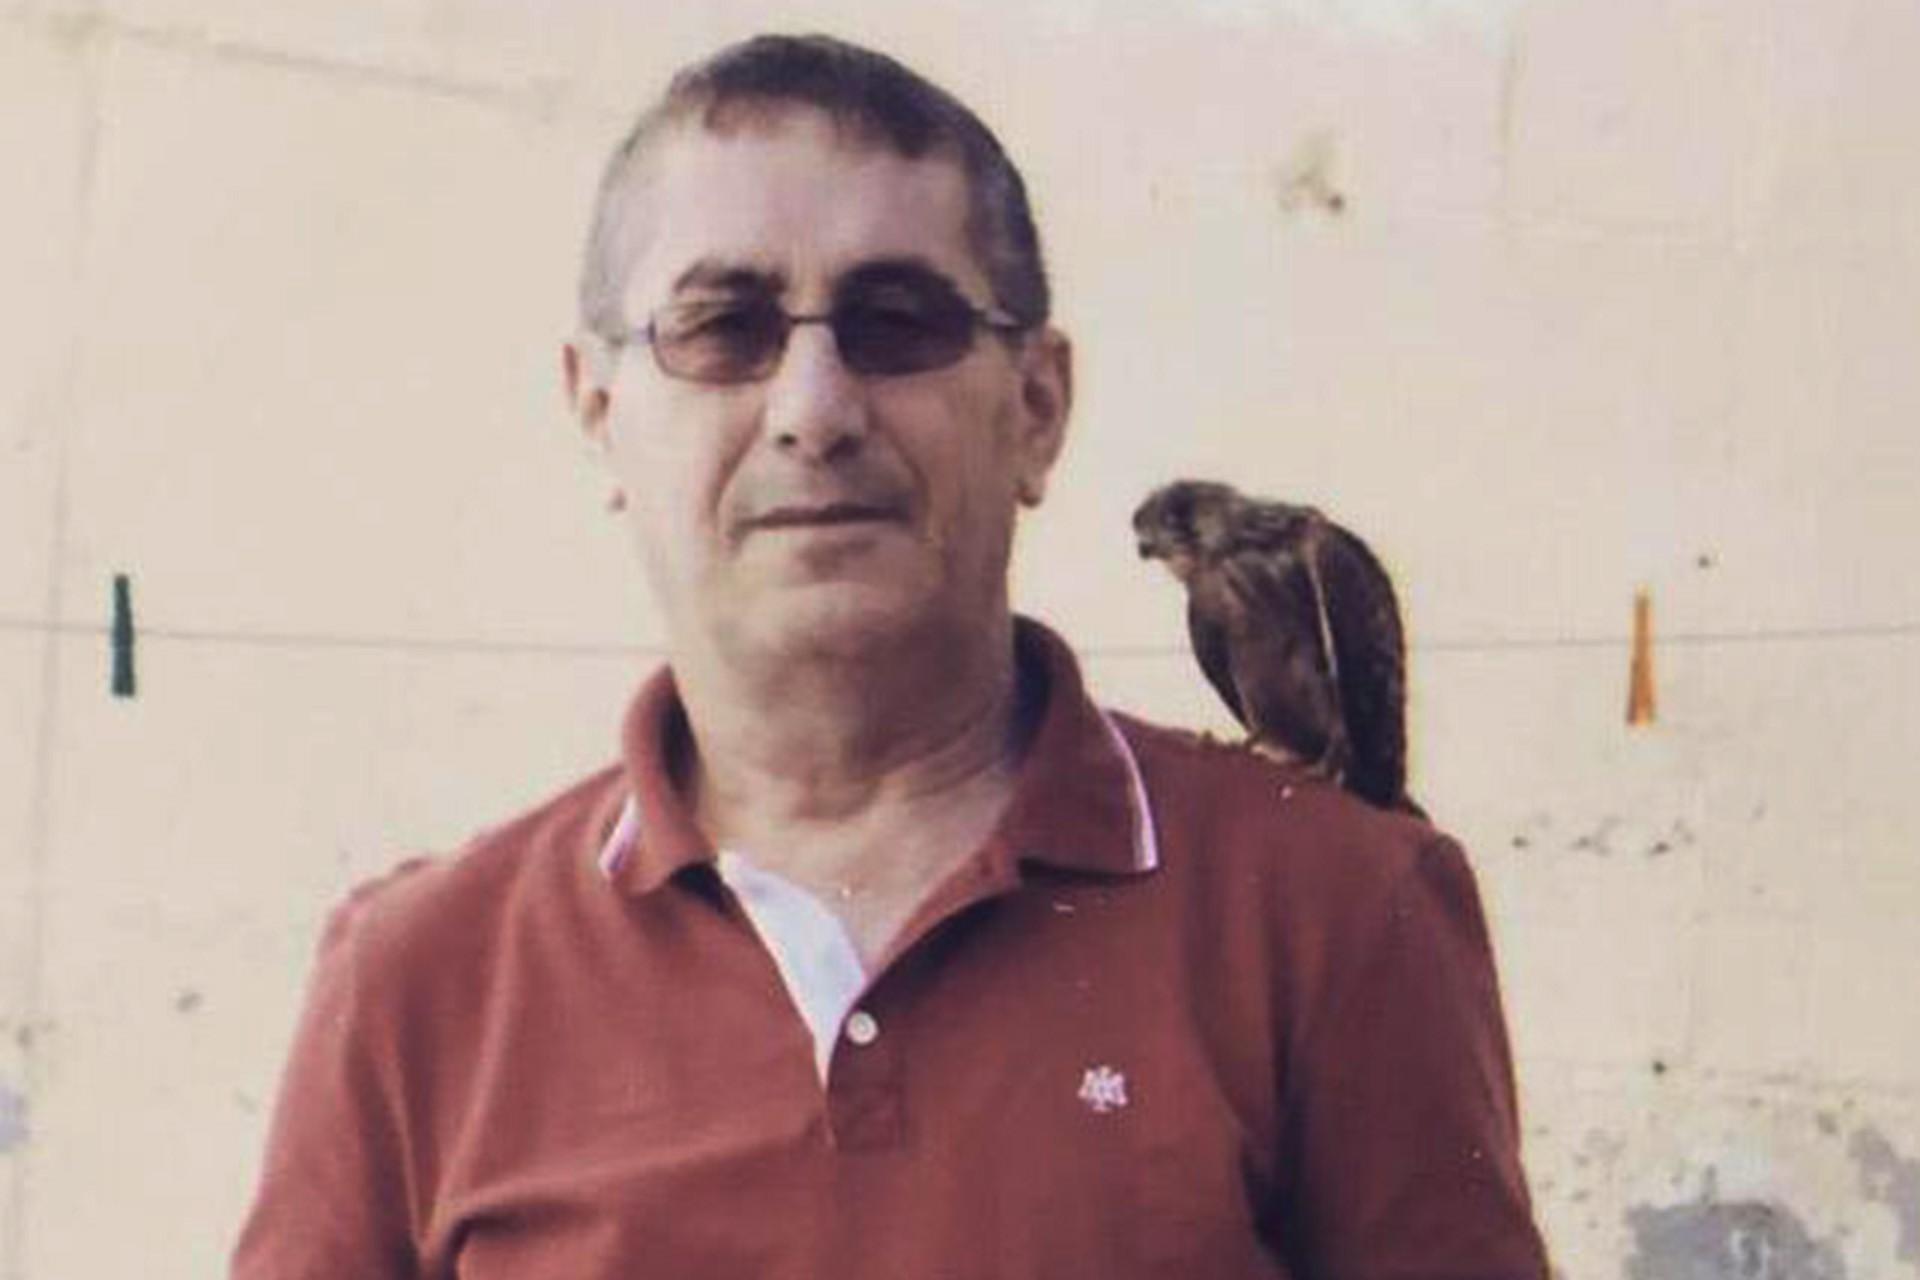 Cenaze taşıdığı gerekçesiyle Halis Demir'e 9 yıl hapis cezası verildi